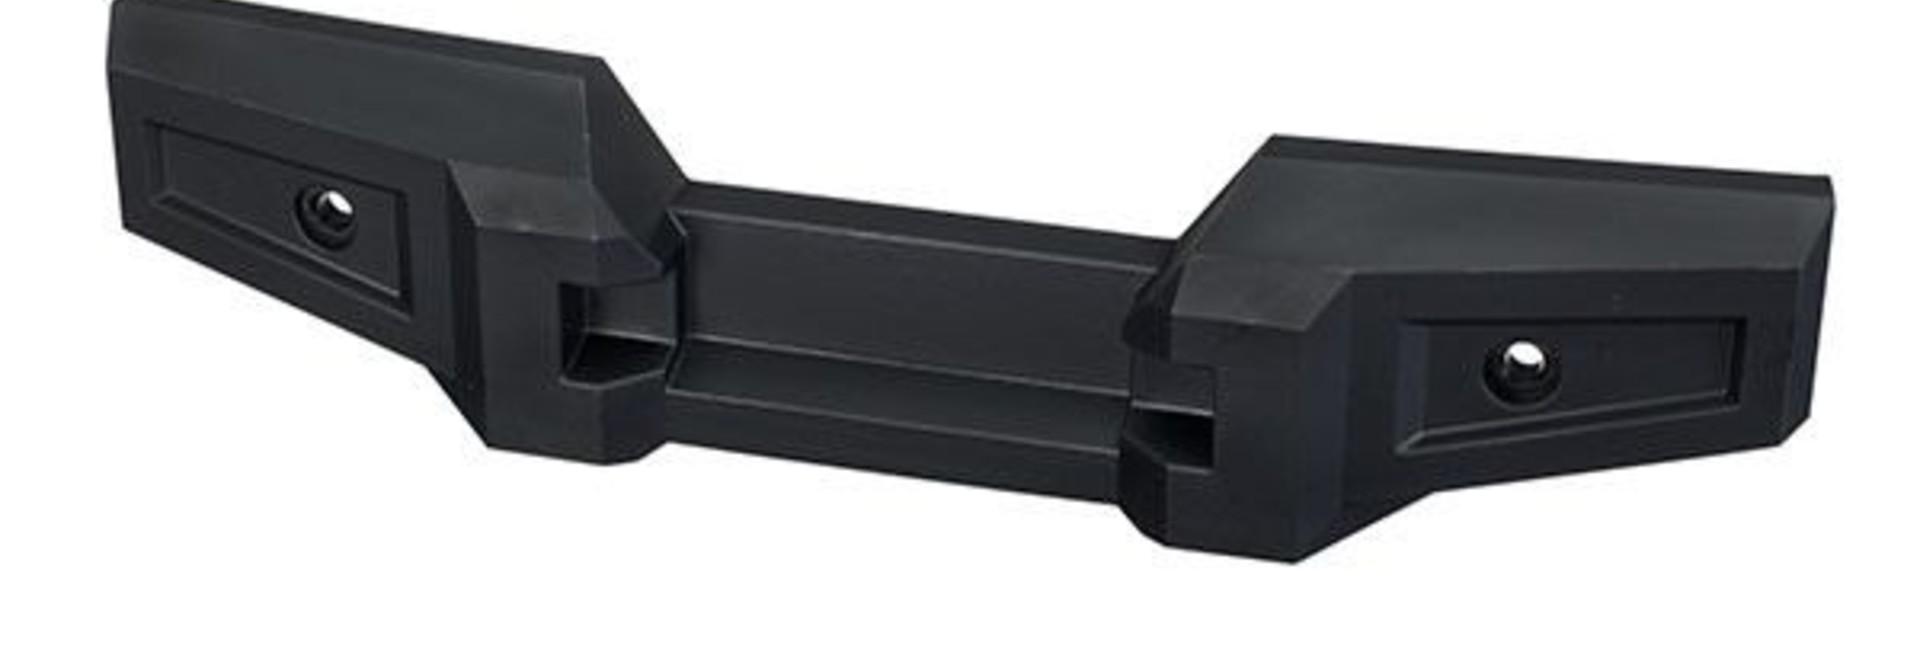 Bumper, rear, TRX7736